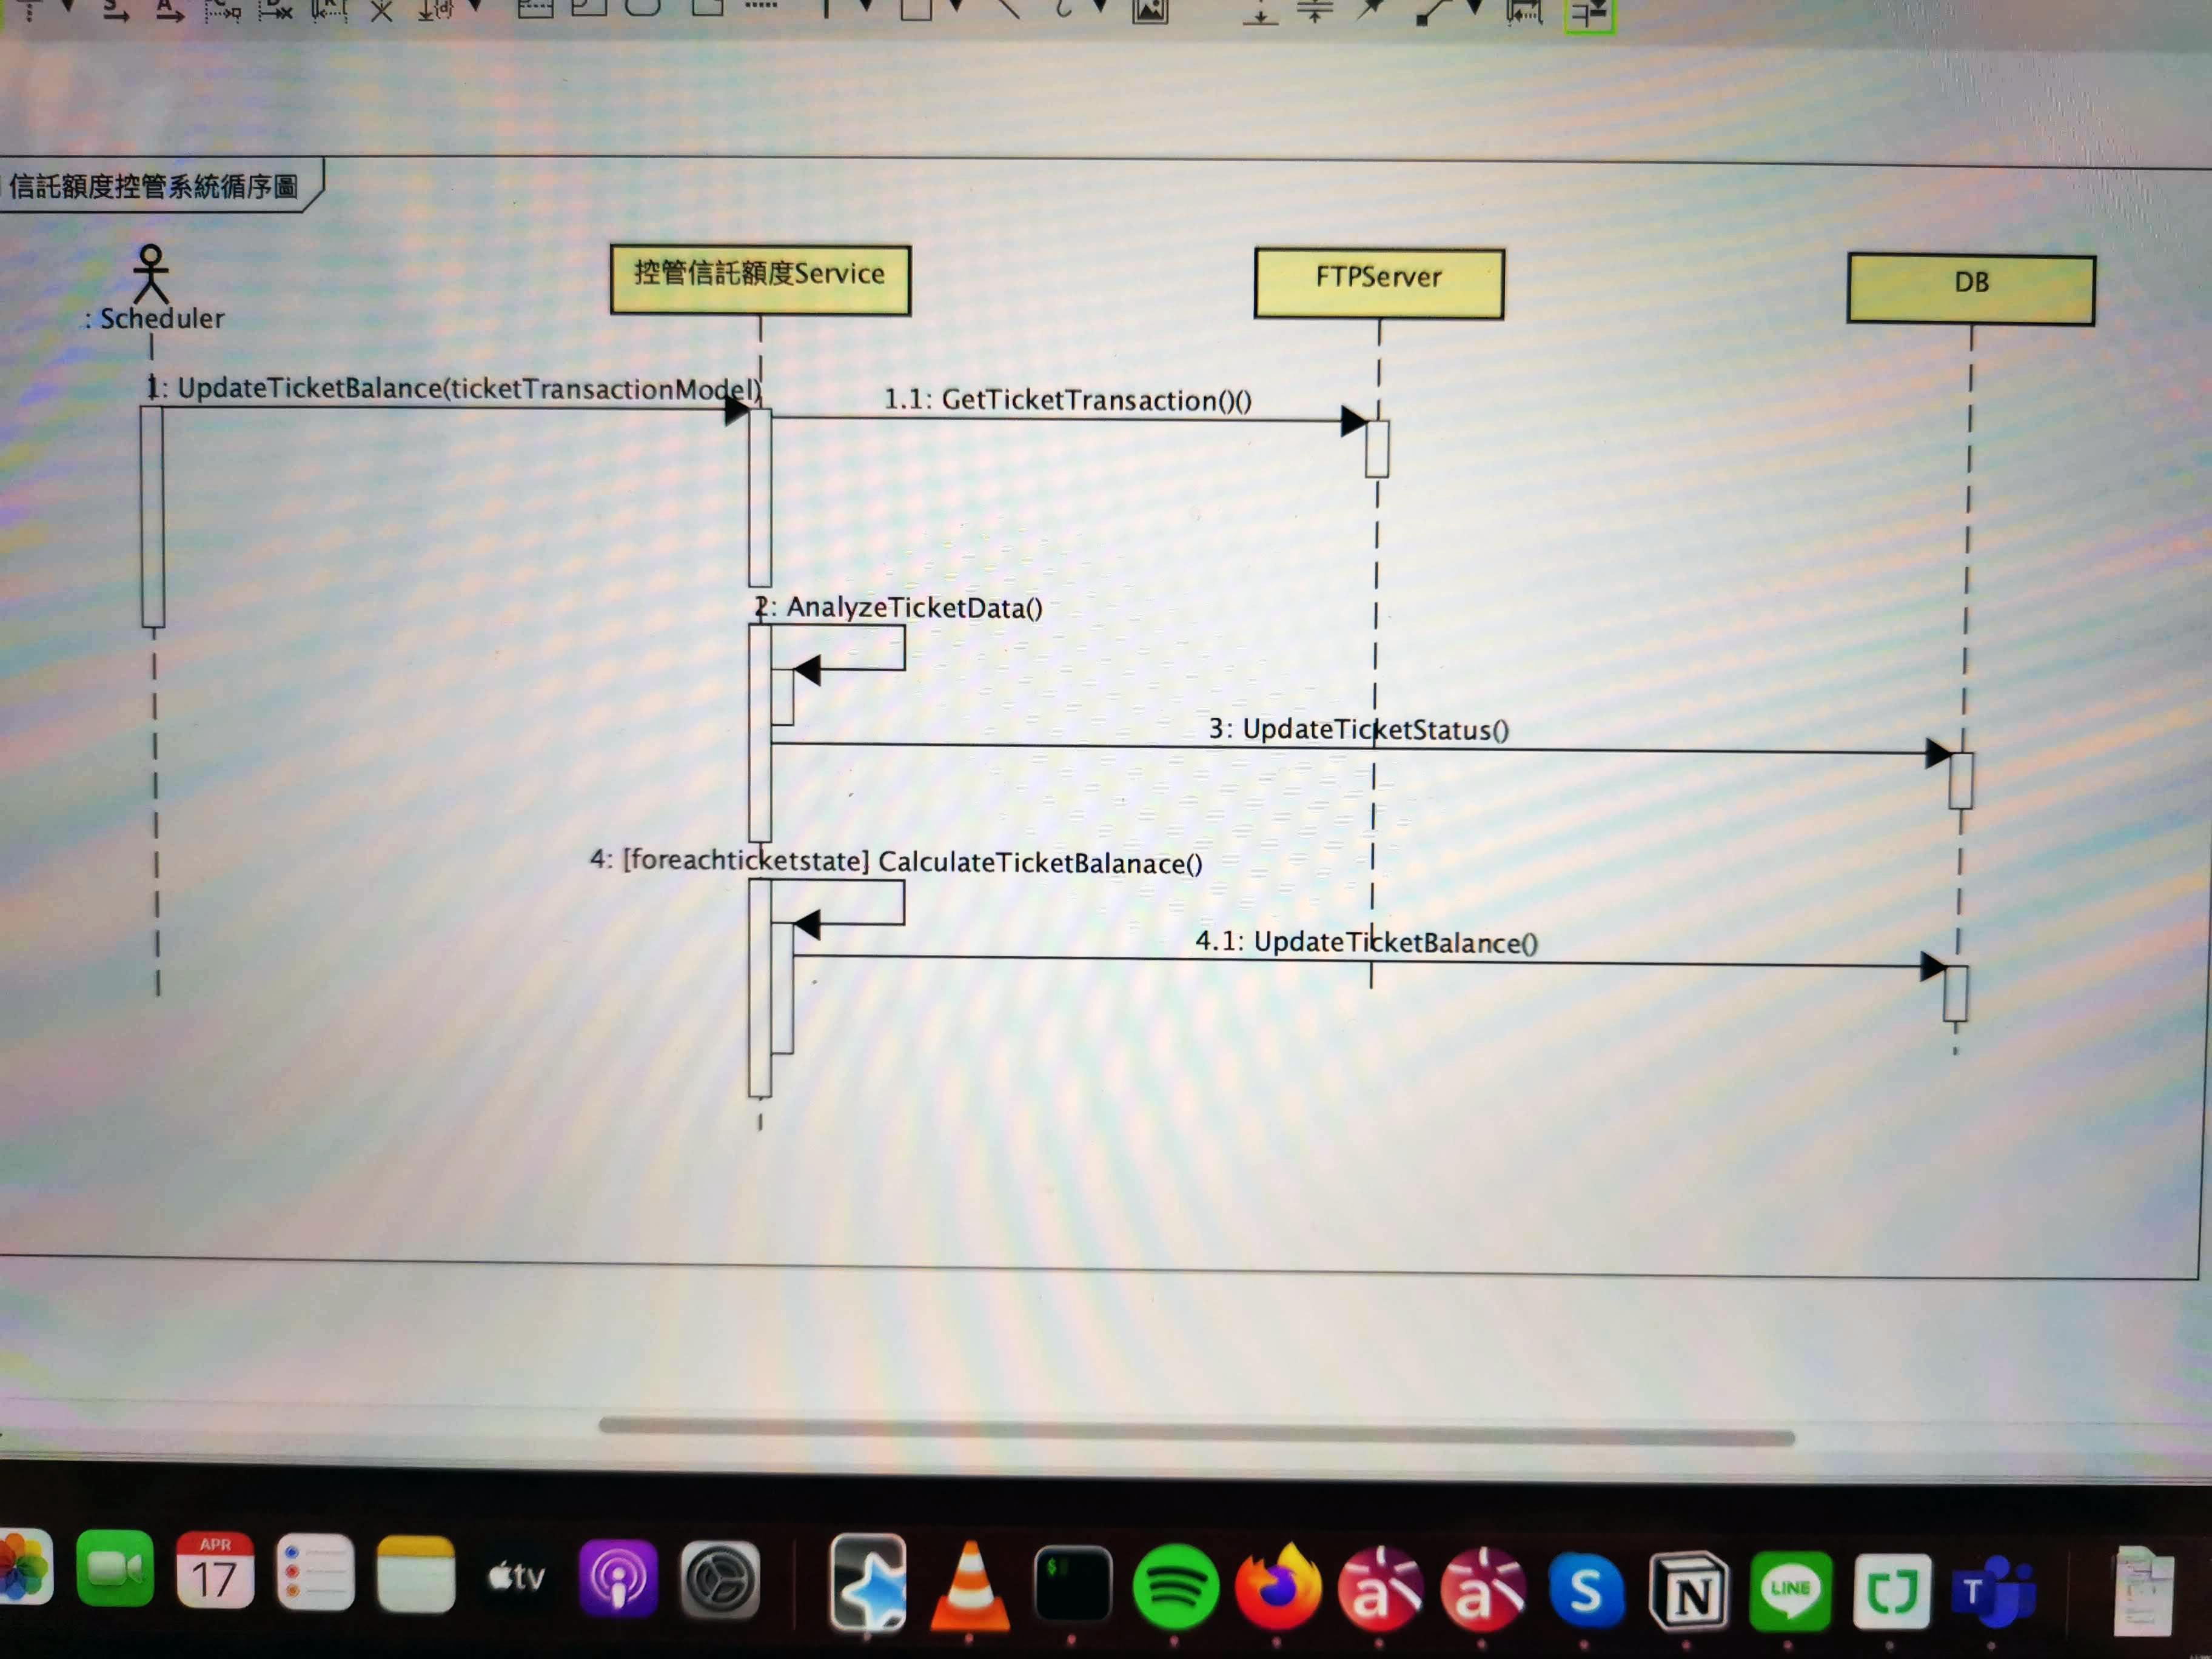 聊聊關於 UML 輔導個案的二三事